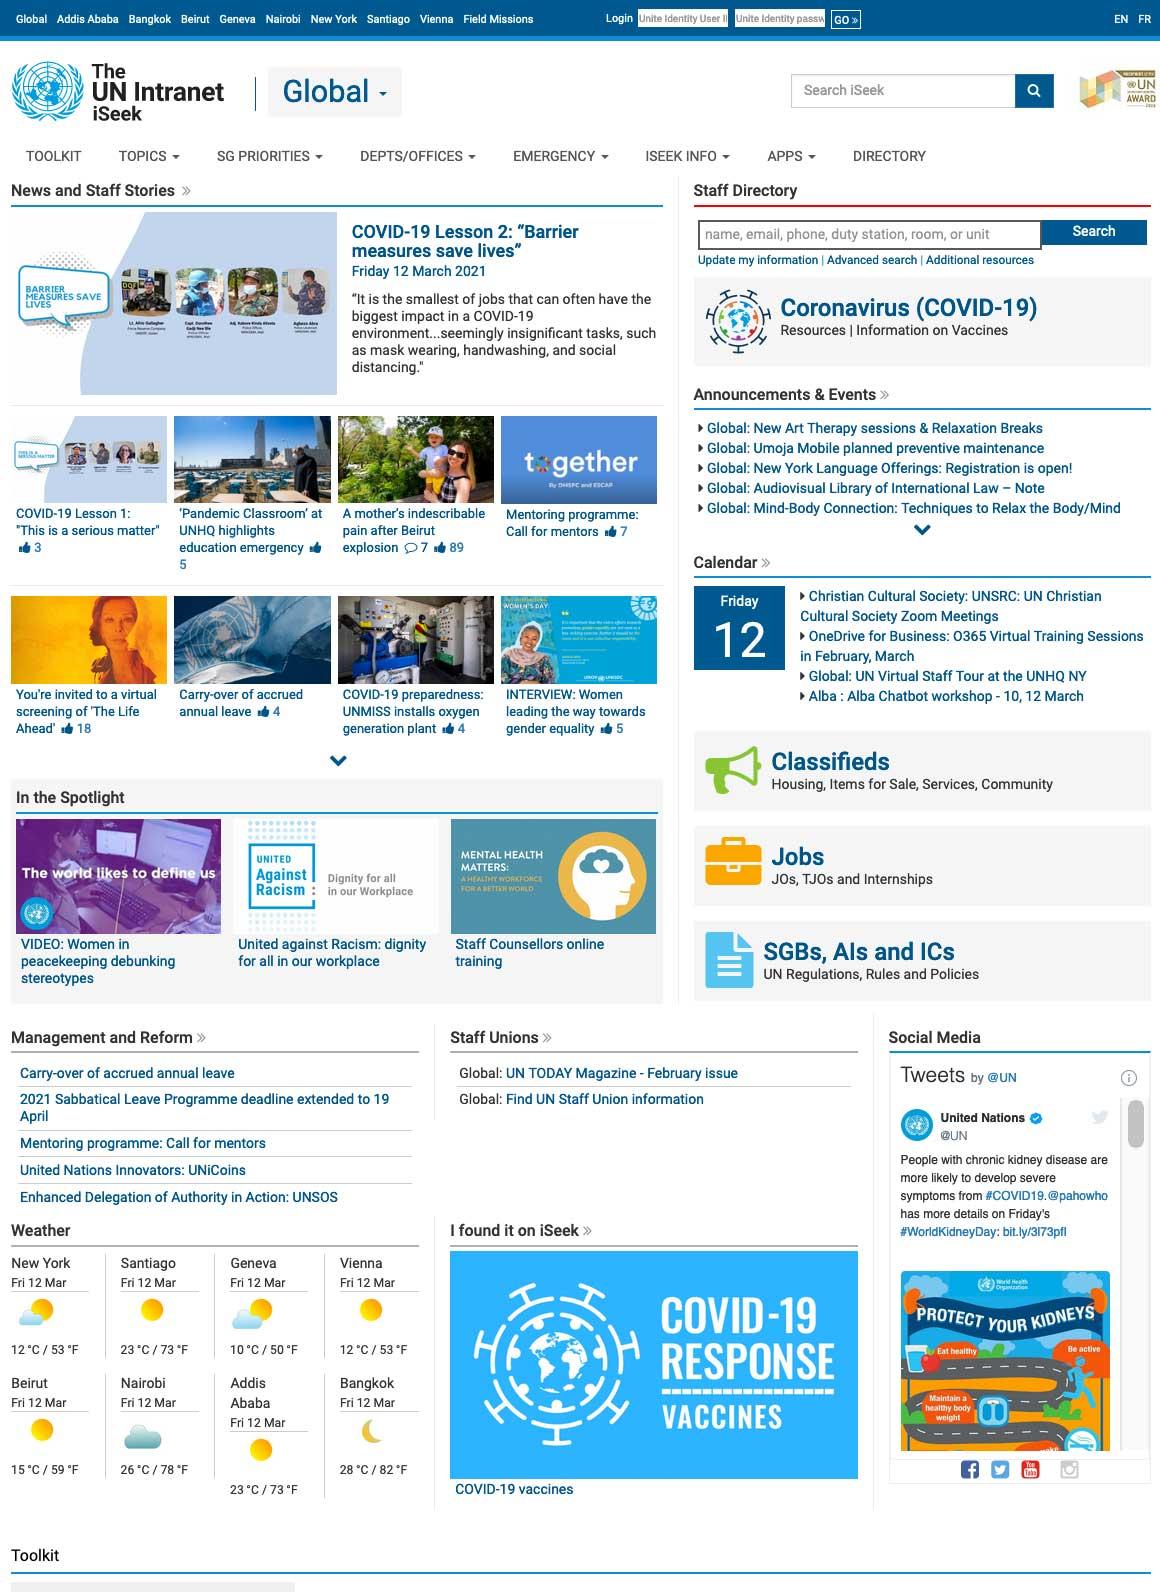 Página de inicio de ISeek en la intranet de la ONU.